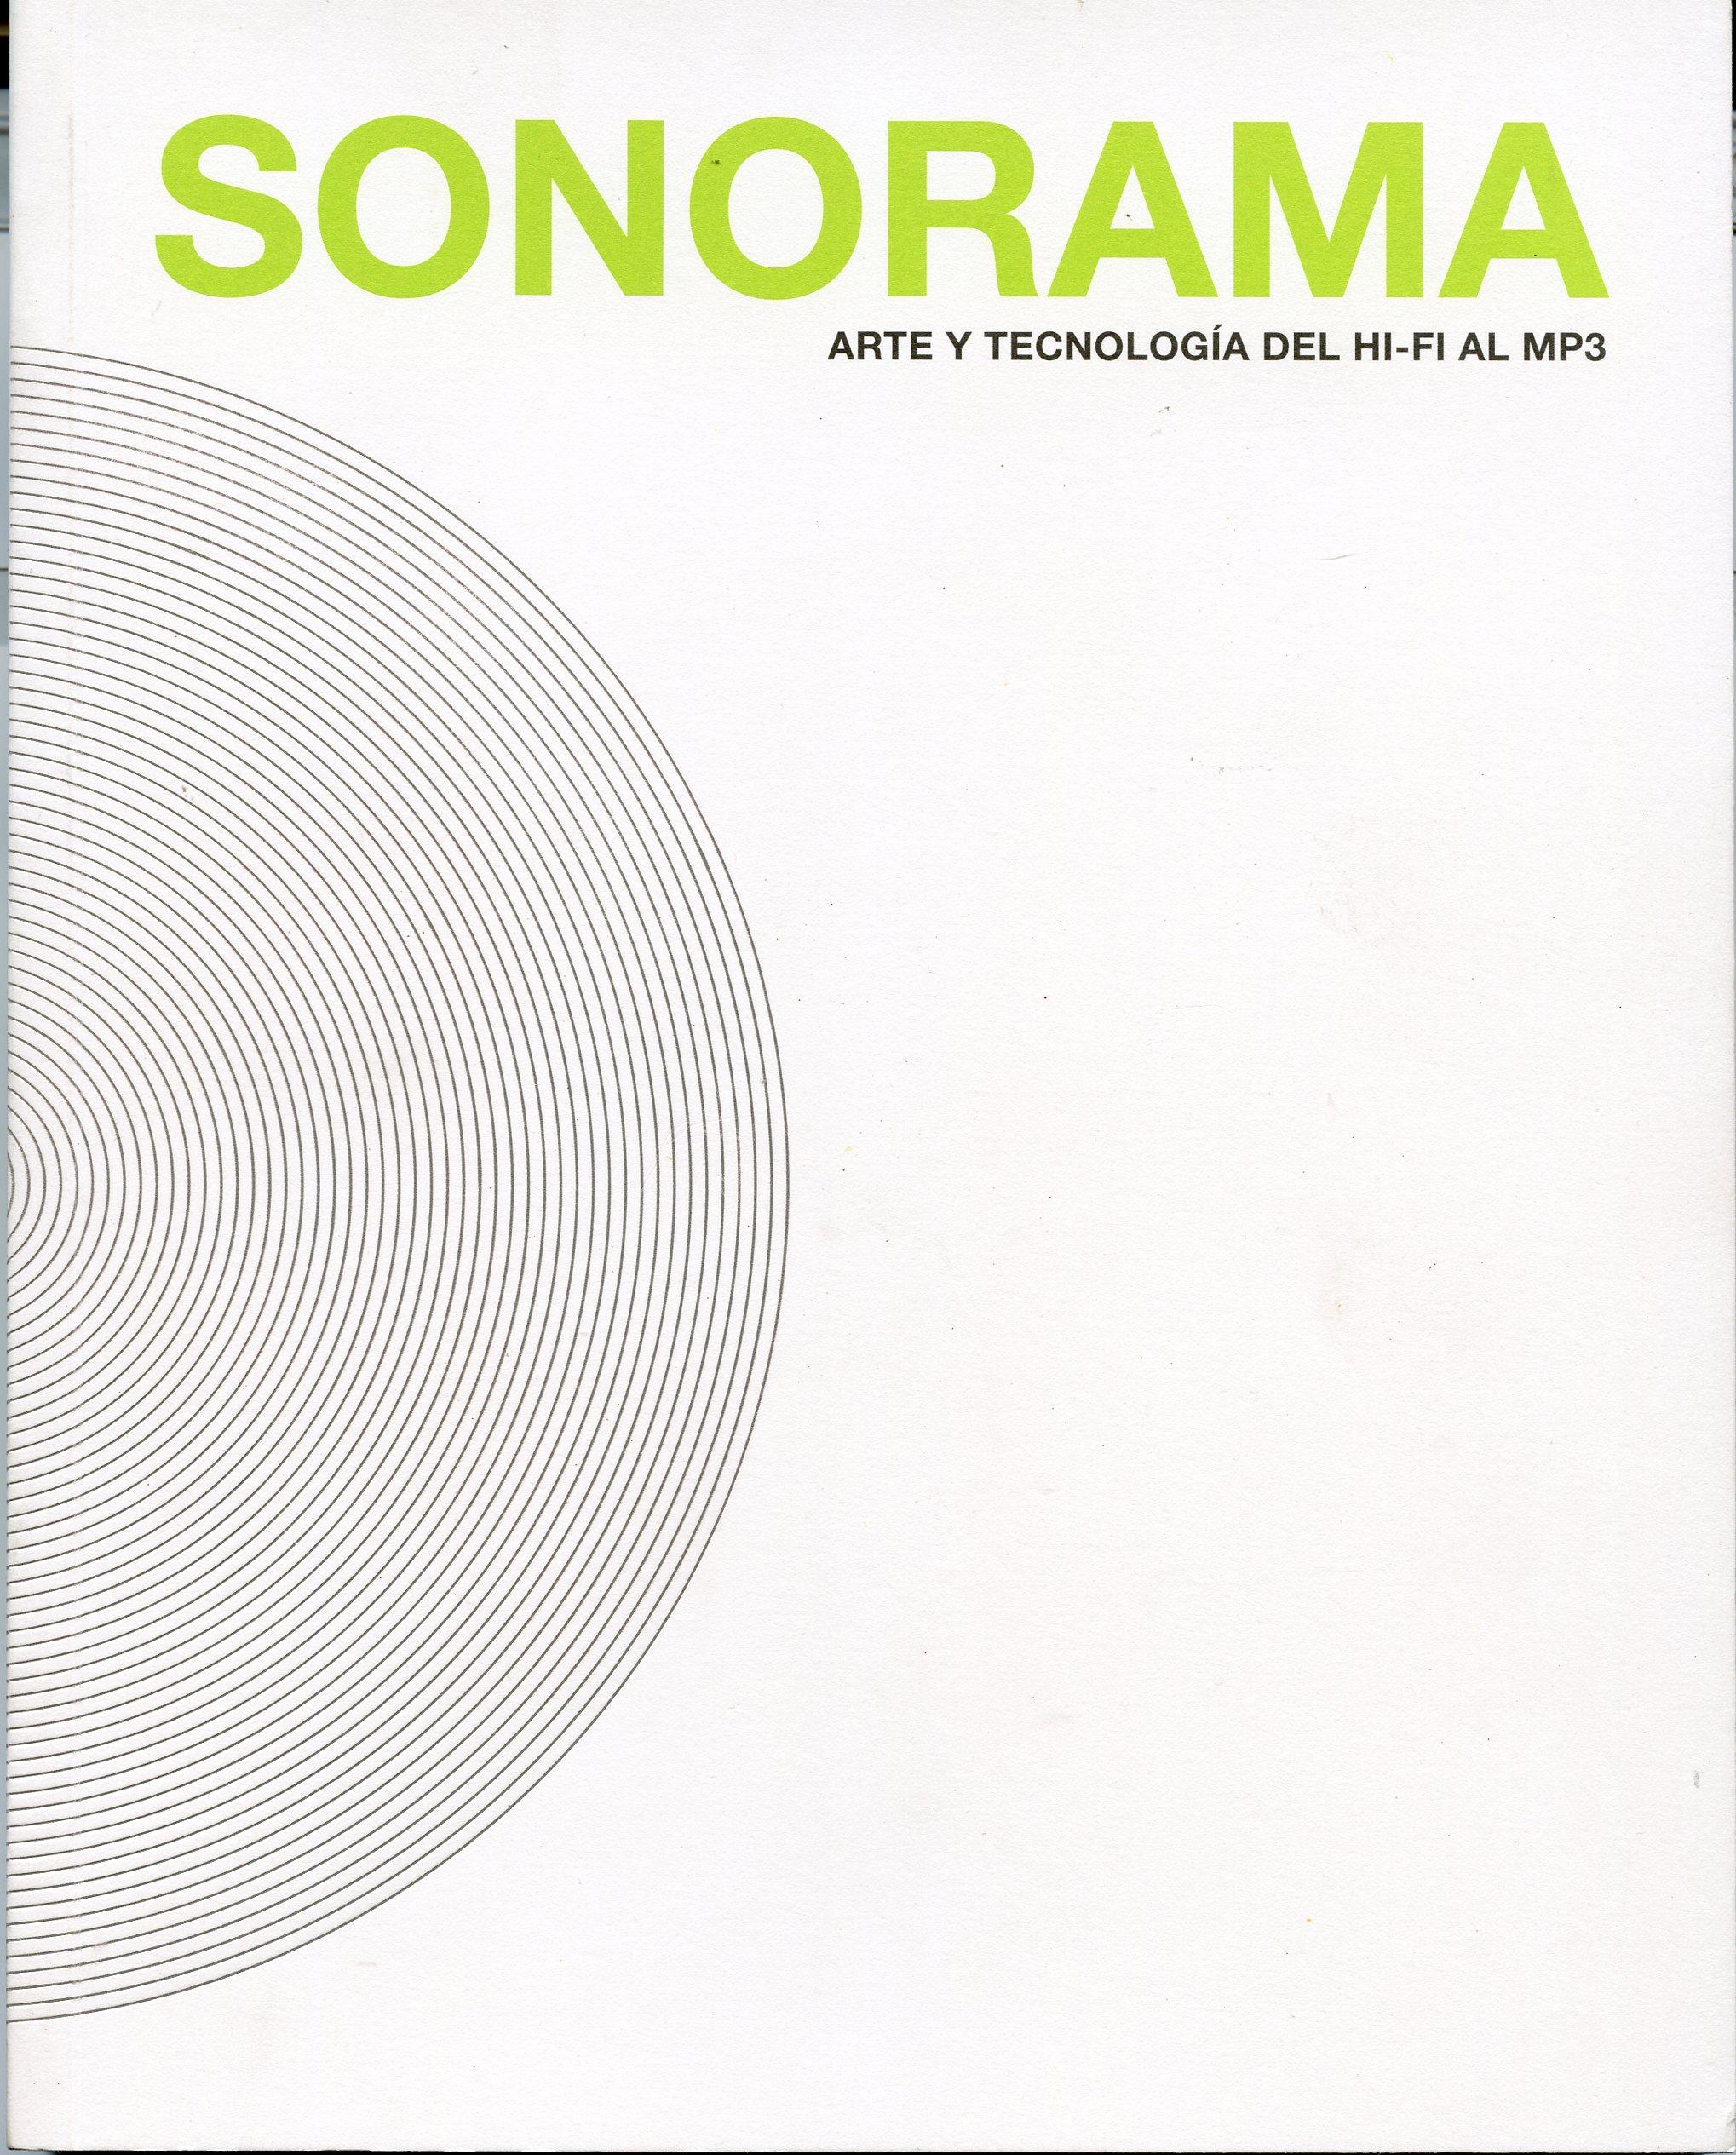 Sonorama. Arte y tecnología del hi-fi al mp3